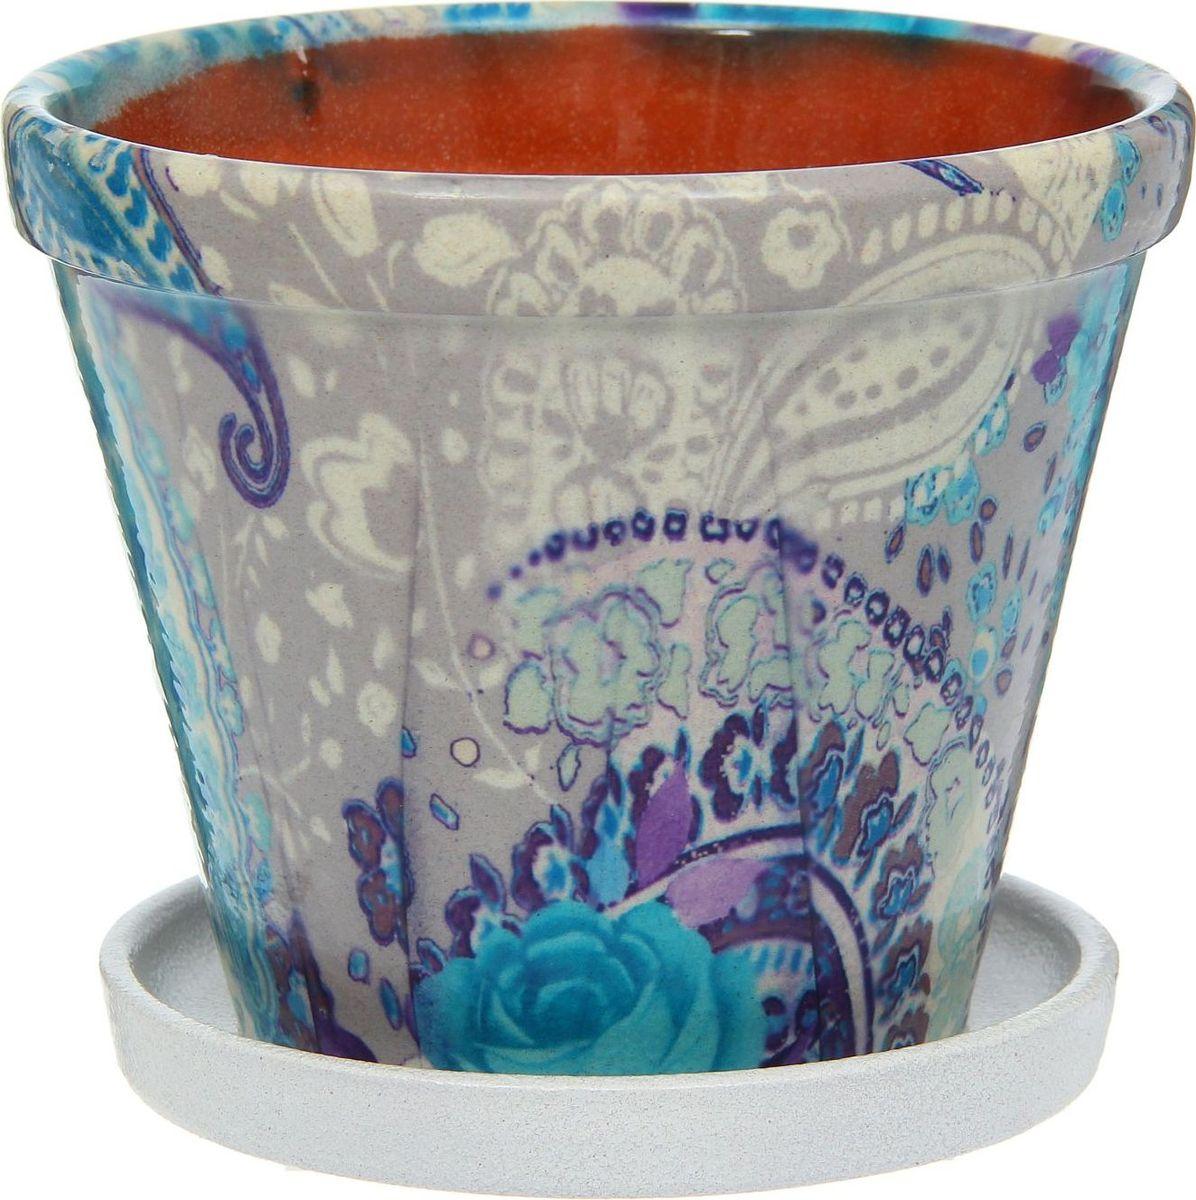 Кашпо Гамма. Розы, цвет: синий, 1,5 л1267407Комнатные растения — всеобщие любимцы. Они радуют глаз, насыщают помещение кислородом и украшают пространство. Каждому из них необходим свой удобный и красивый дом. Кашпо из керамики прекрасно подходят для высадки растений: за счёт пластичности глины и разных способов обработки существует великое множество форм и дизайновпористый материал позволяет испаряться лишней влагевоздух, необходимый для дыхания корней, проникает сквозь керамические стенки! #name# позаботится о зелёном питомце, освежит интерьер и подчеркнёт его стиль.